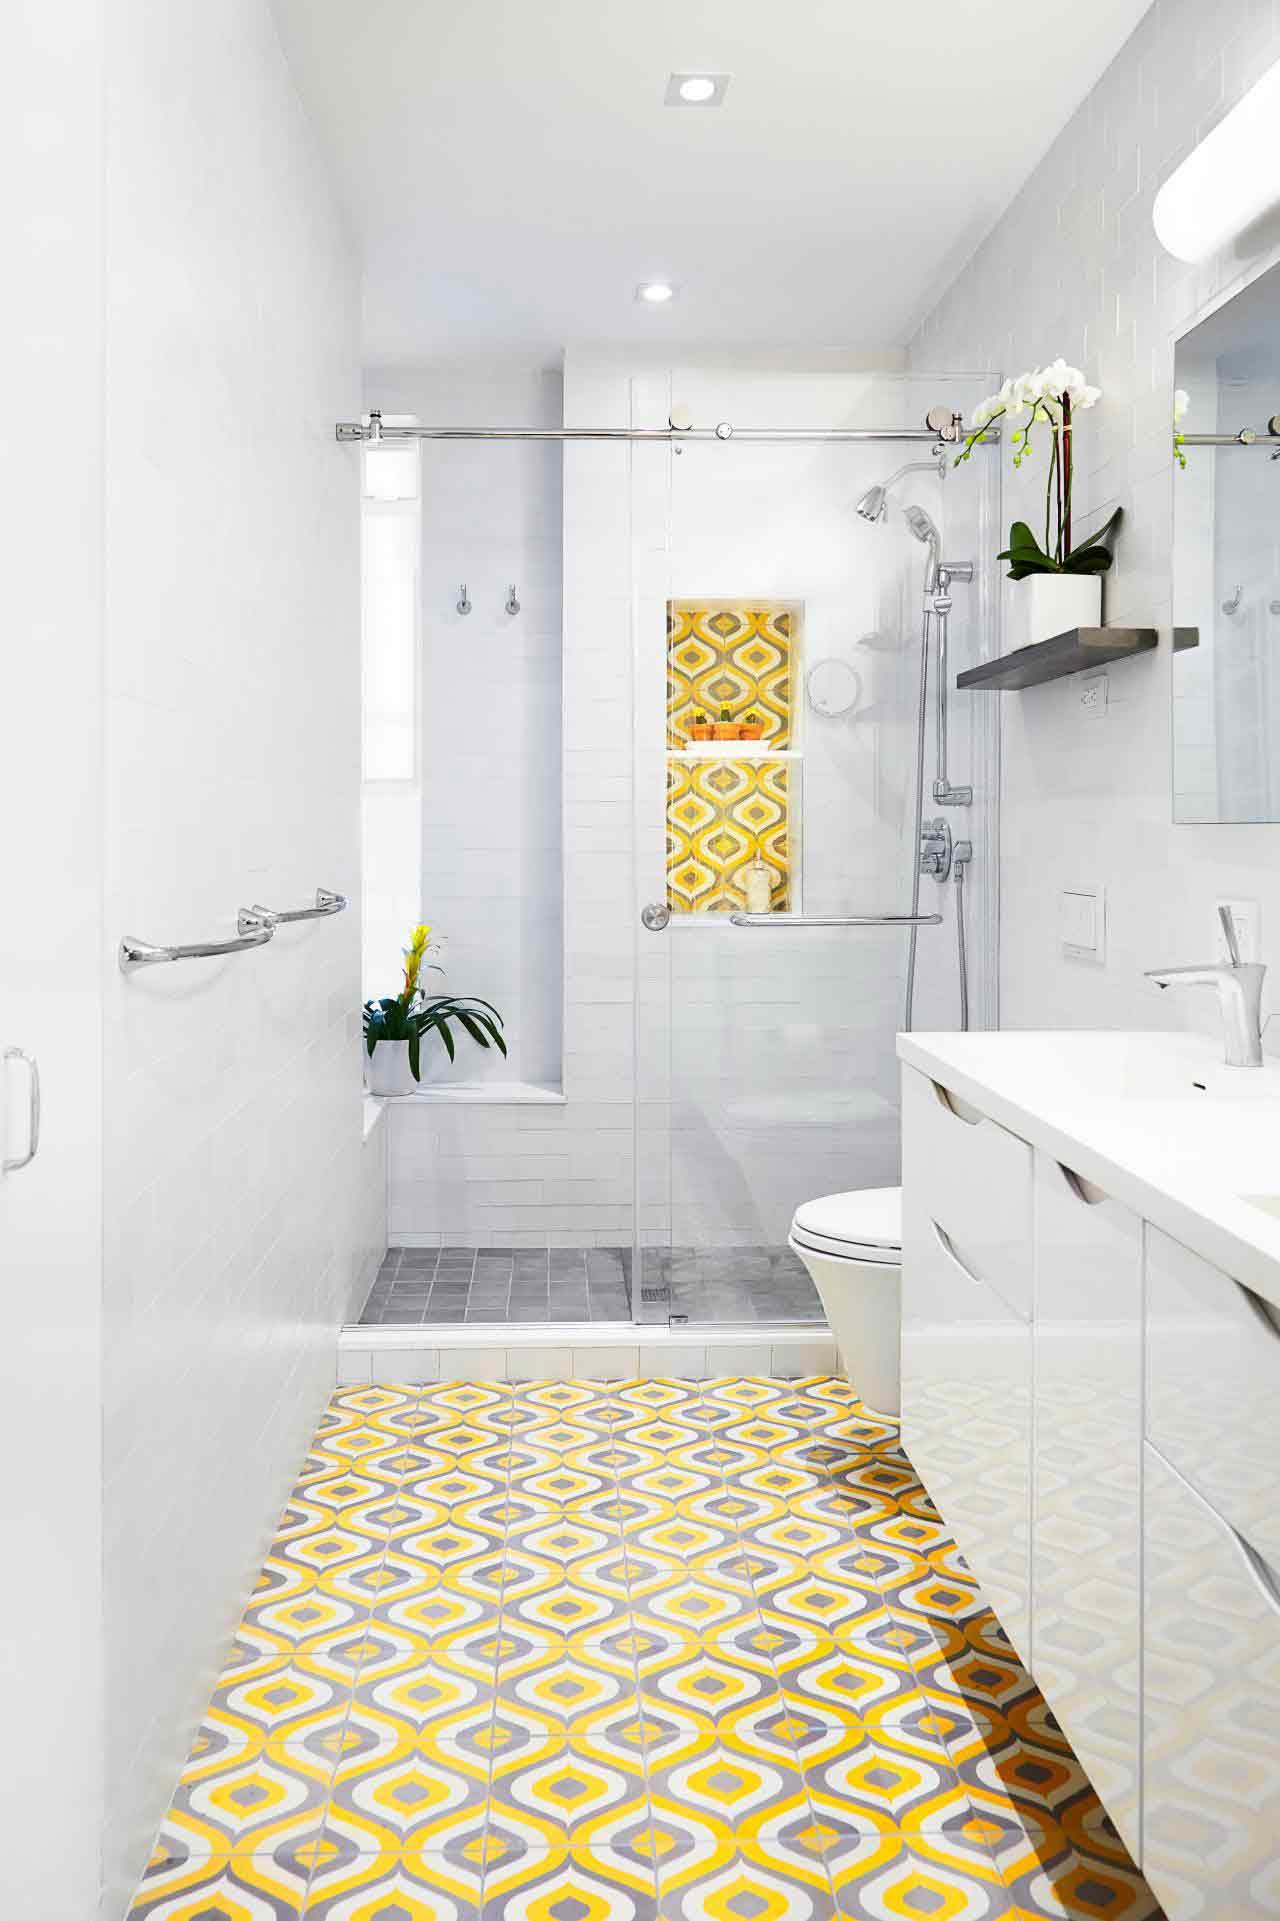 Warna dan pola keramik yang mencolok dan kontras dengan warna dinding kamar mandi, via hgtvhome.com